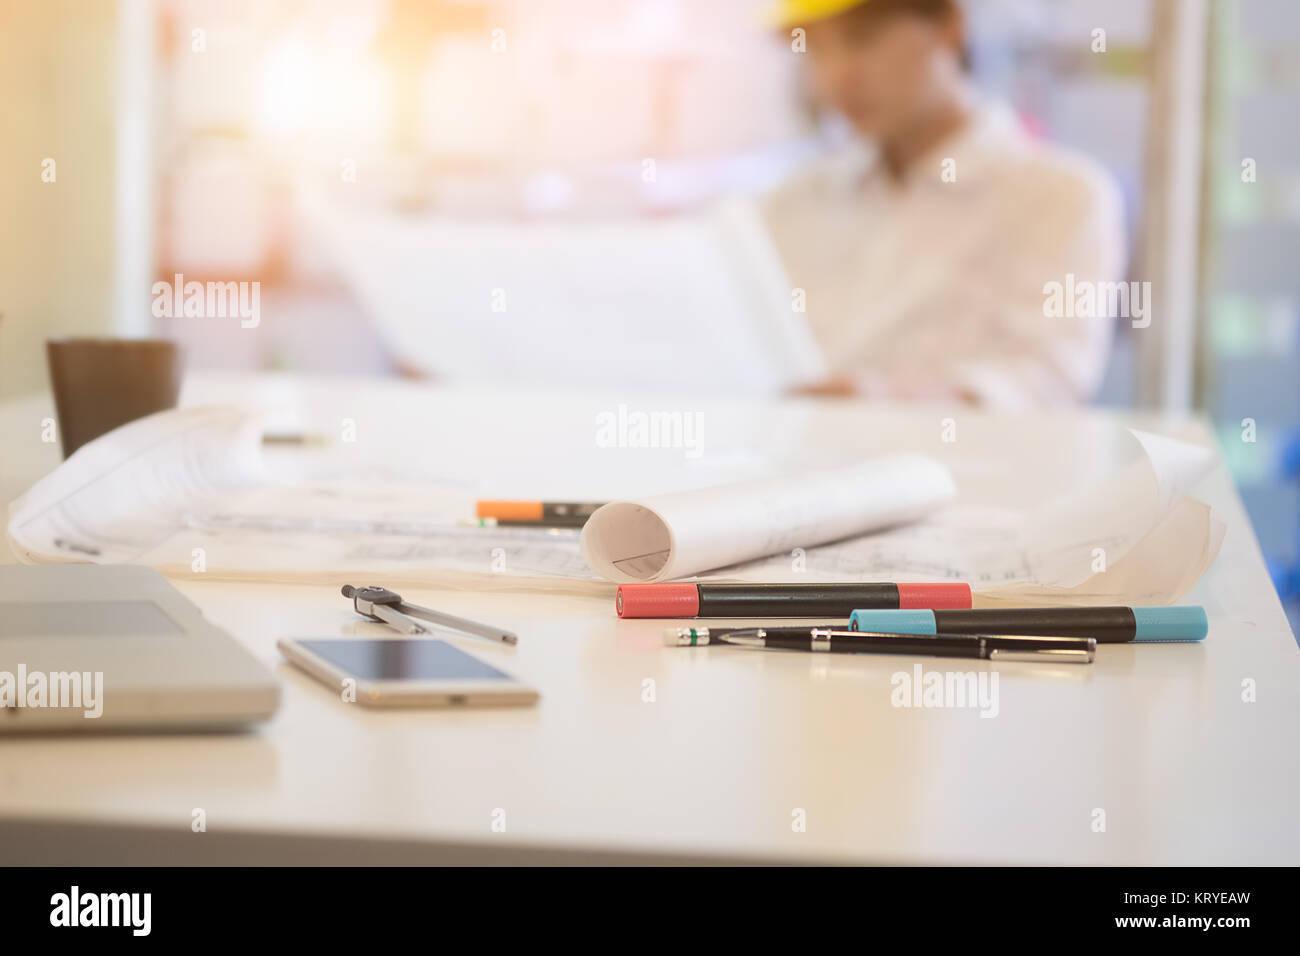 Perfect Architekturentwürfe Und Objet Des Architekten Auf Die Tabelle. Stockbild